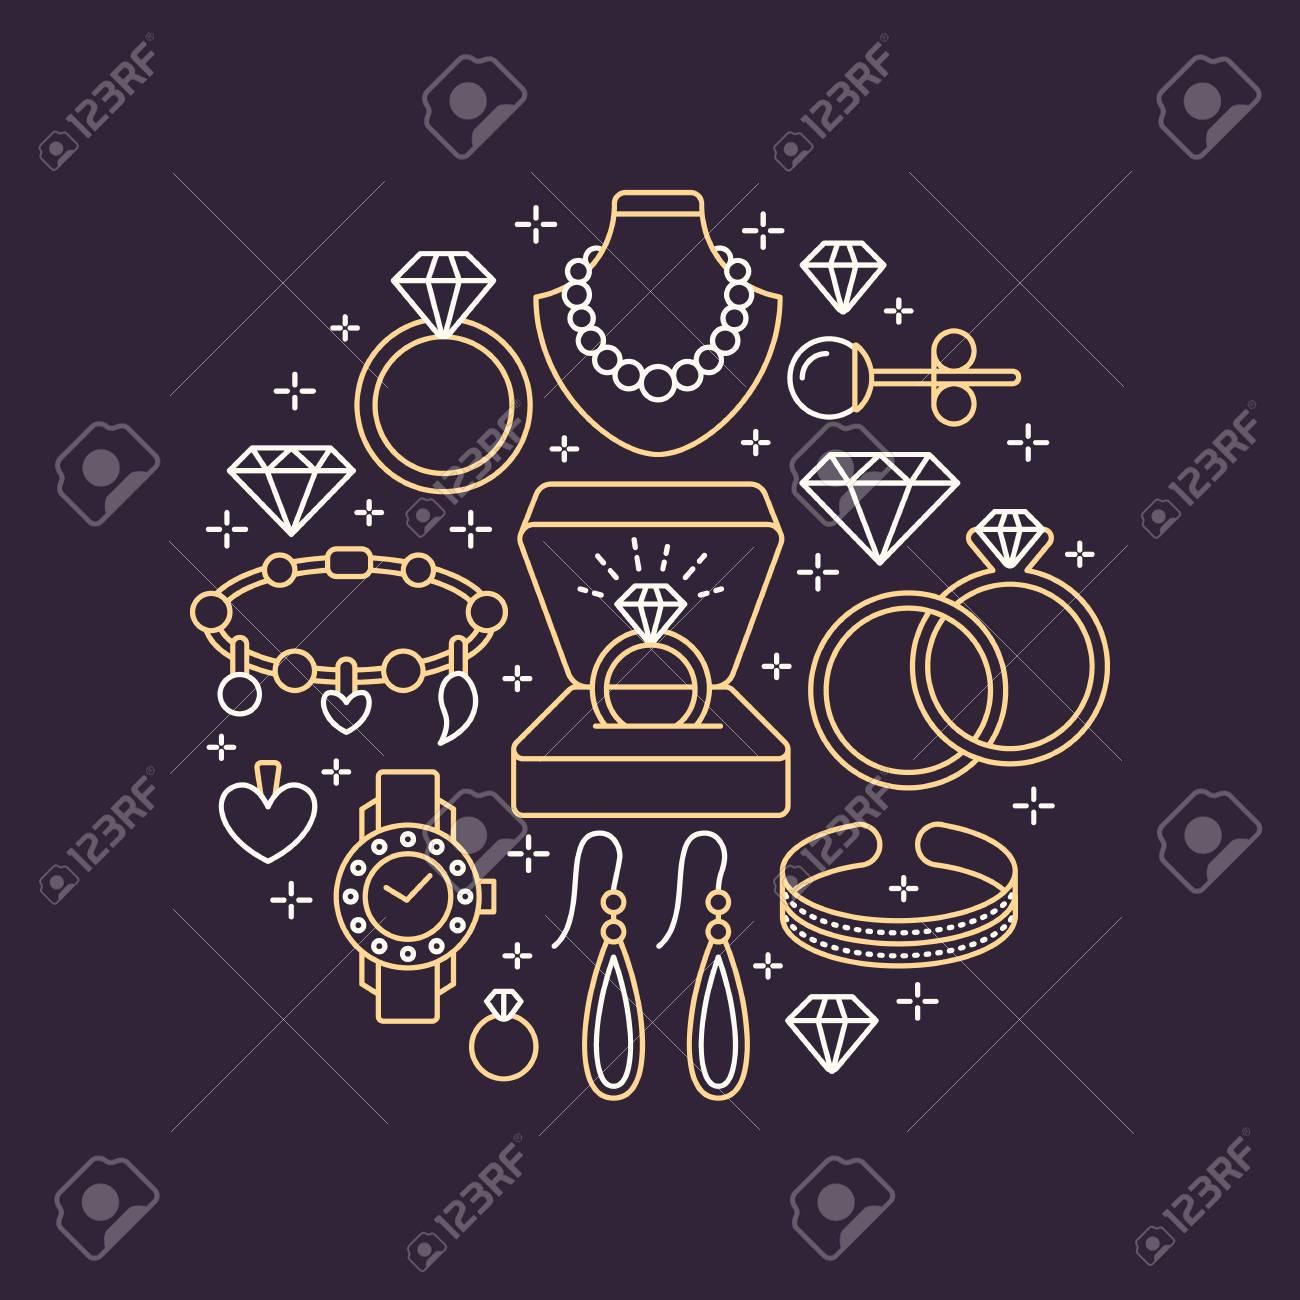 6ed50e09d7c Tienda De Joyas, Accesorios De Diamantes Ilustración De Banner. Vector  Línea Icono De Joyas - Relojes De Oro, Anillos De Compromiso, Pendientes De  Gemas, ...